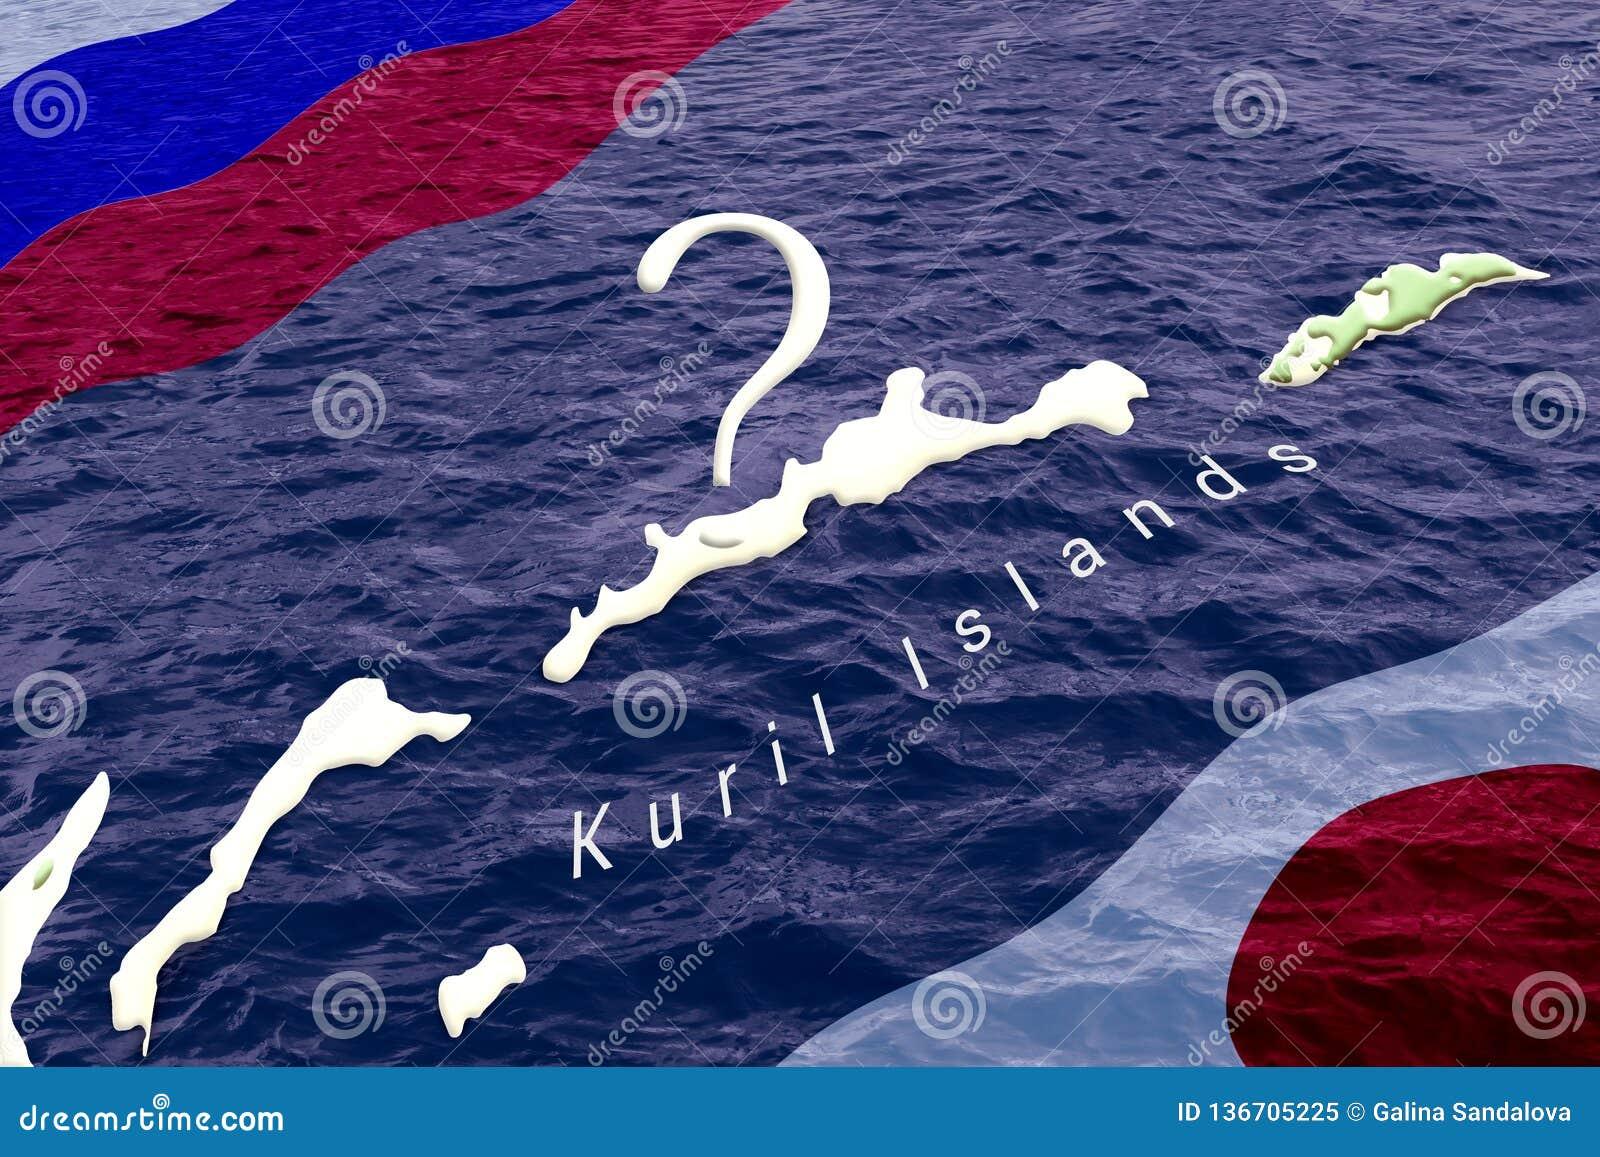 Concept een lang territoriaal geschil en onderhandelingen tussen Rusland en Japan over de eigendom van de Kuril Eilanden russisch